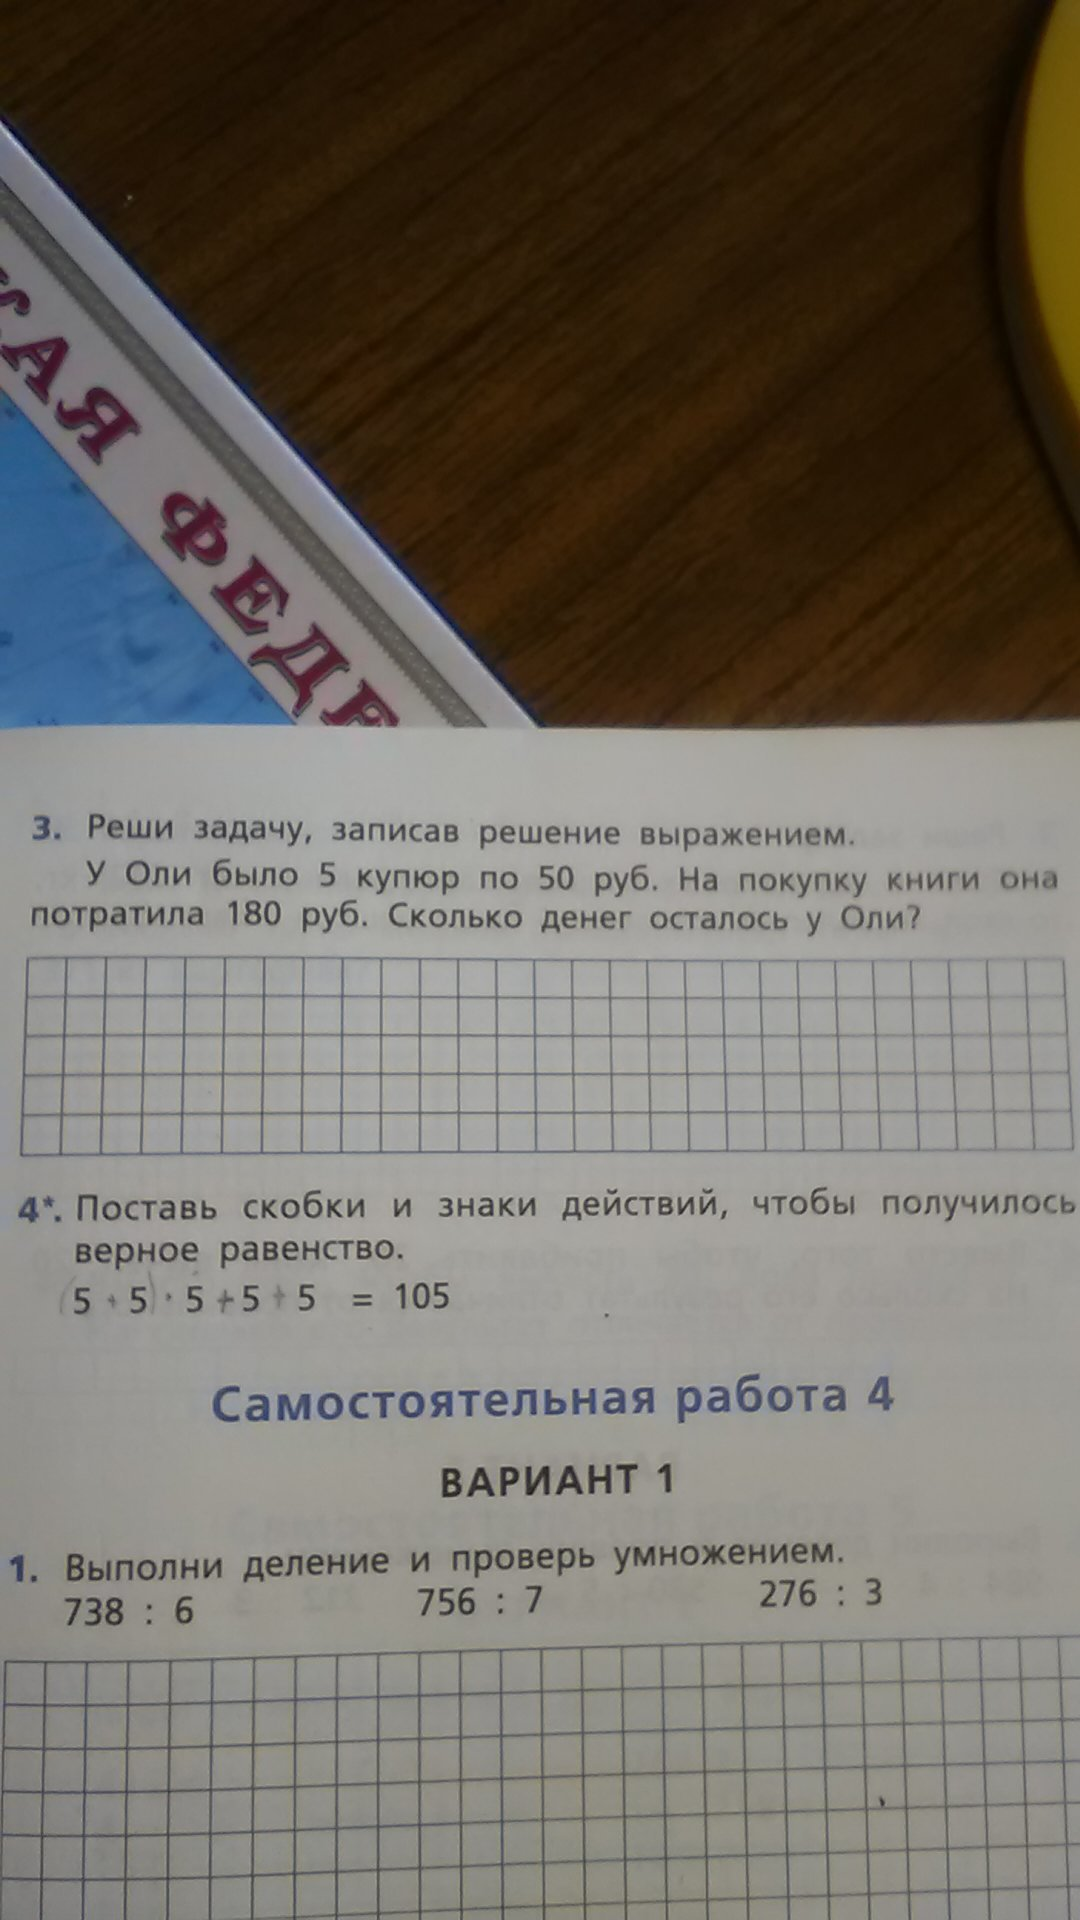 Реши задачу у оли было 50 рублей решение задач по аналитической геометрии цубербиллер